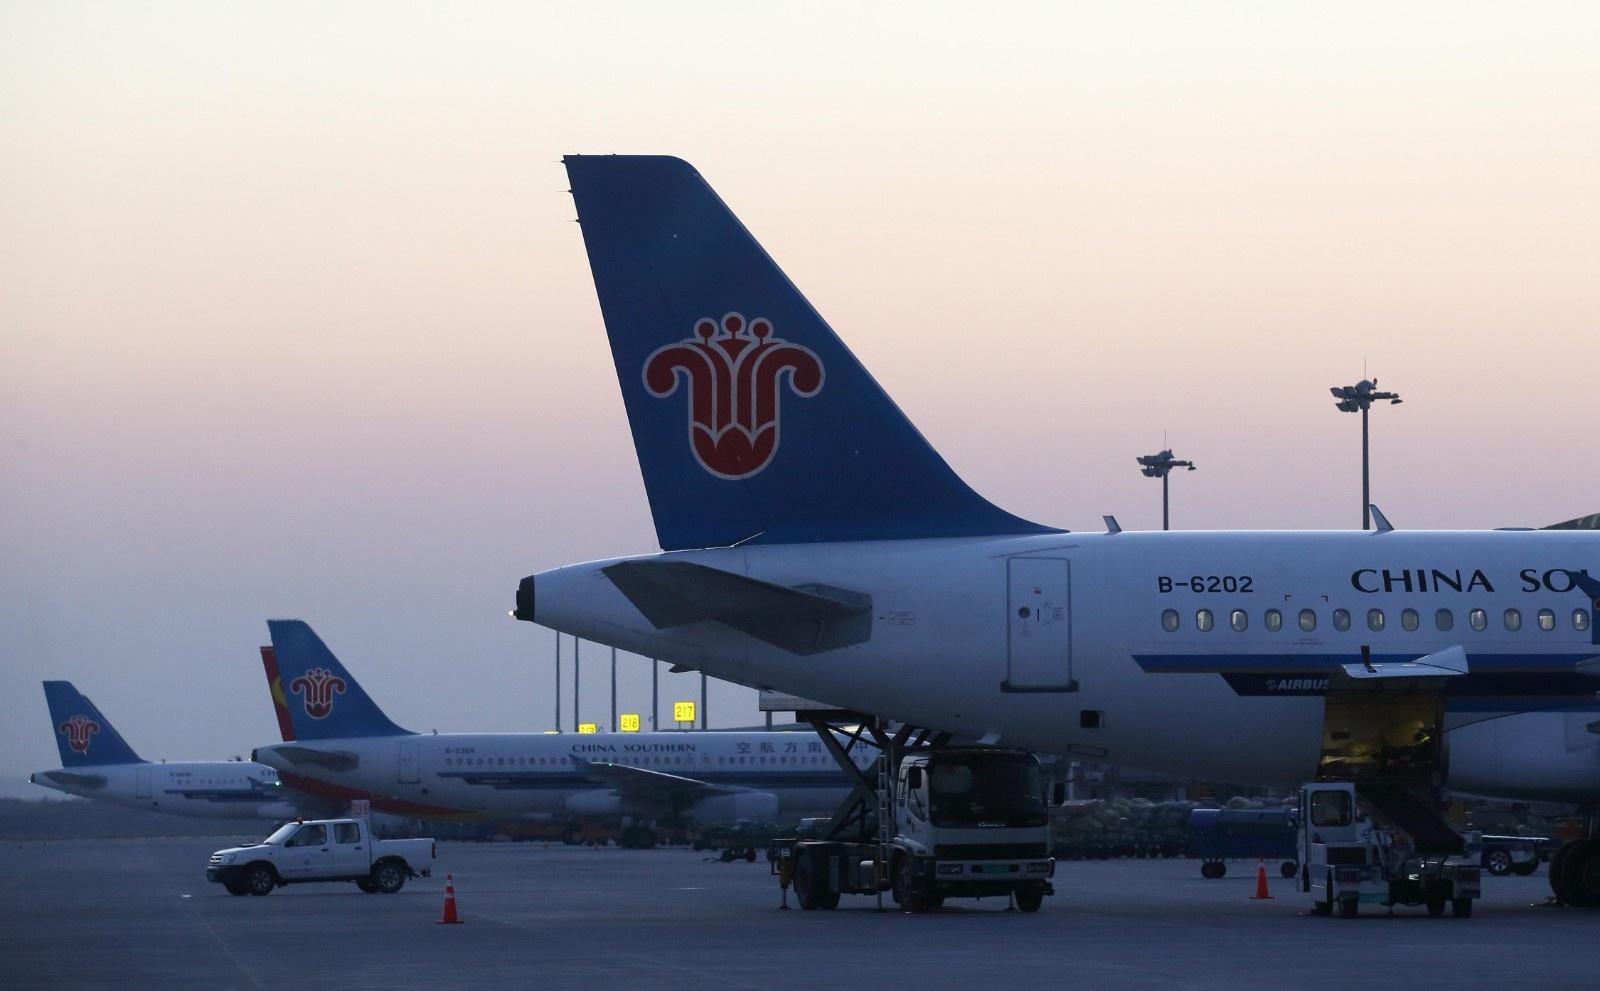 """机票超售致无法登机 是国际""""行规""""还是营销策略"""